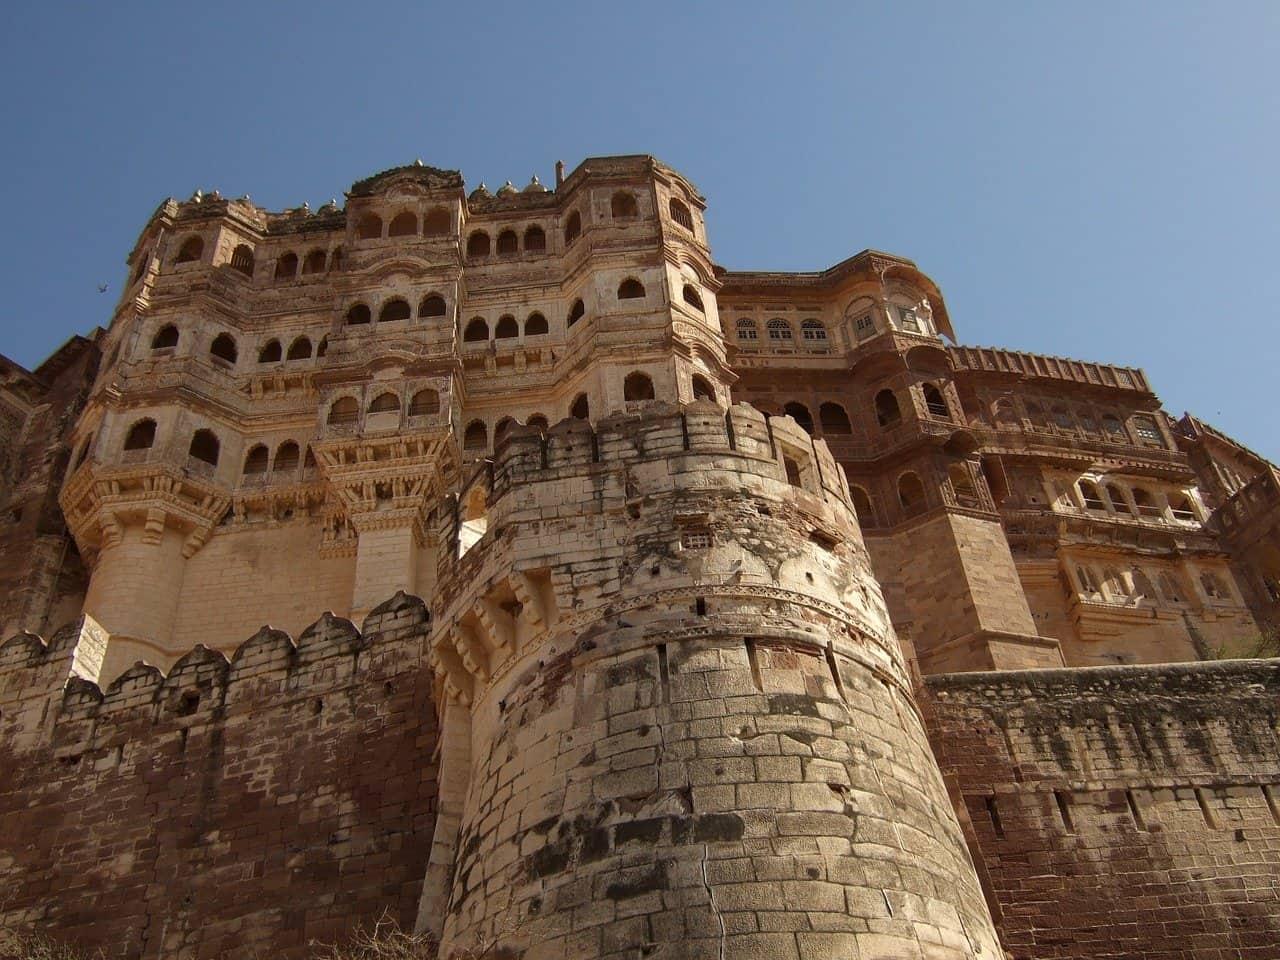 Walking tour in Jodhpur